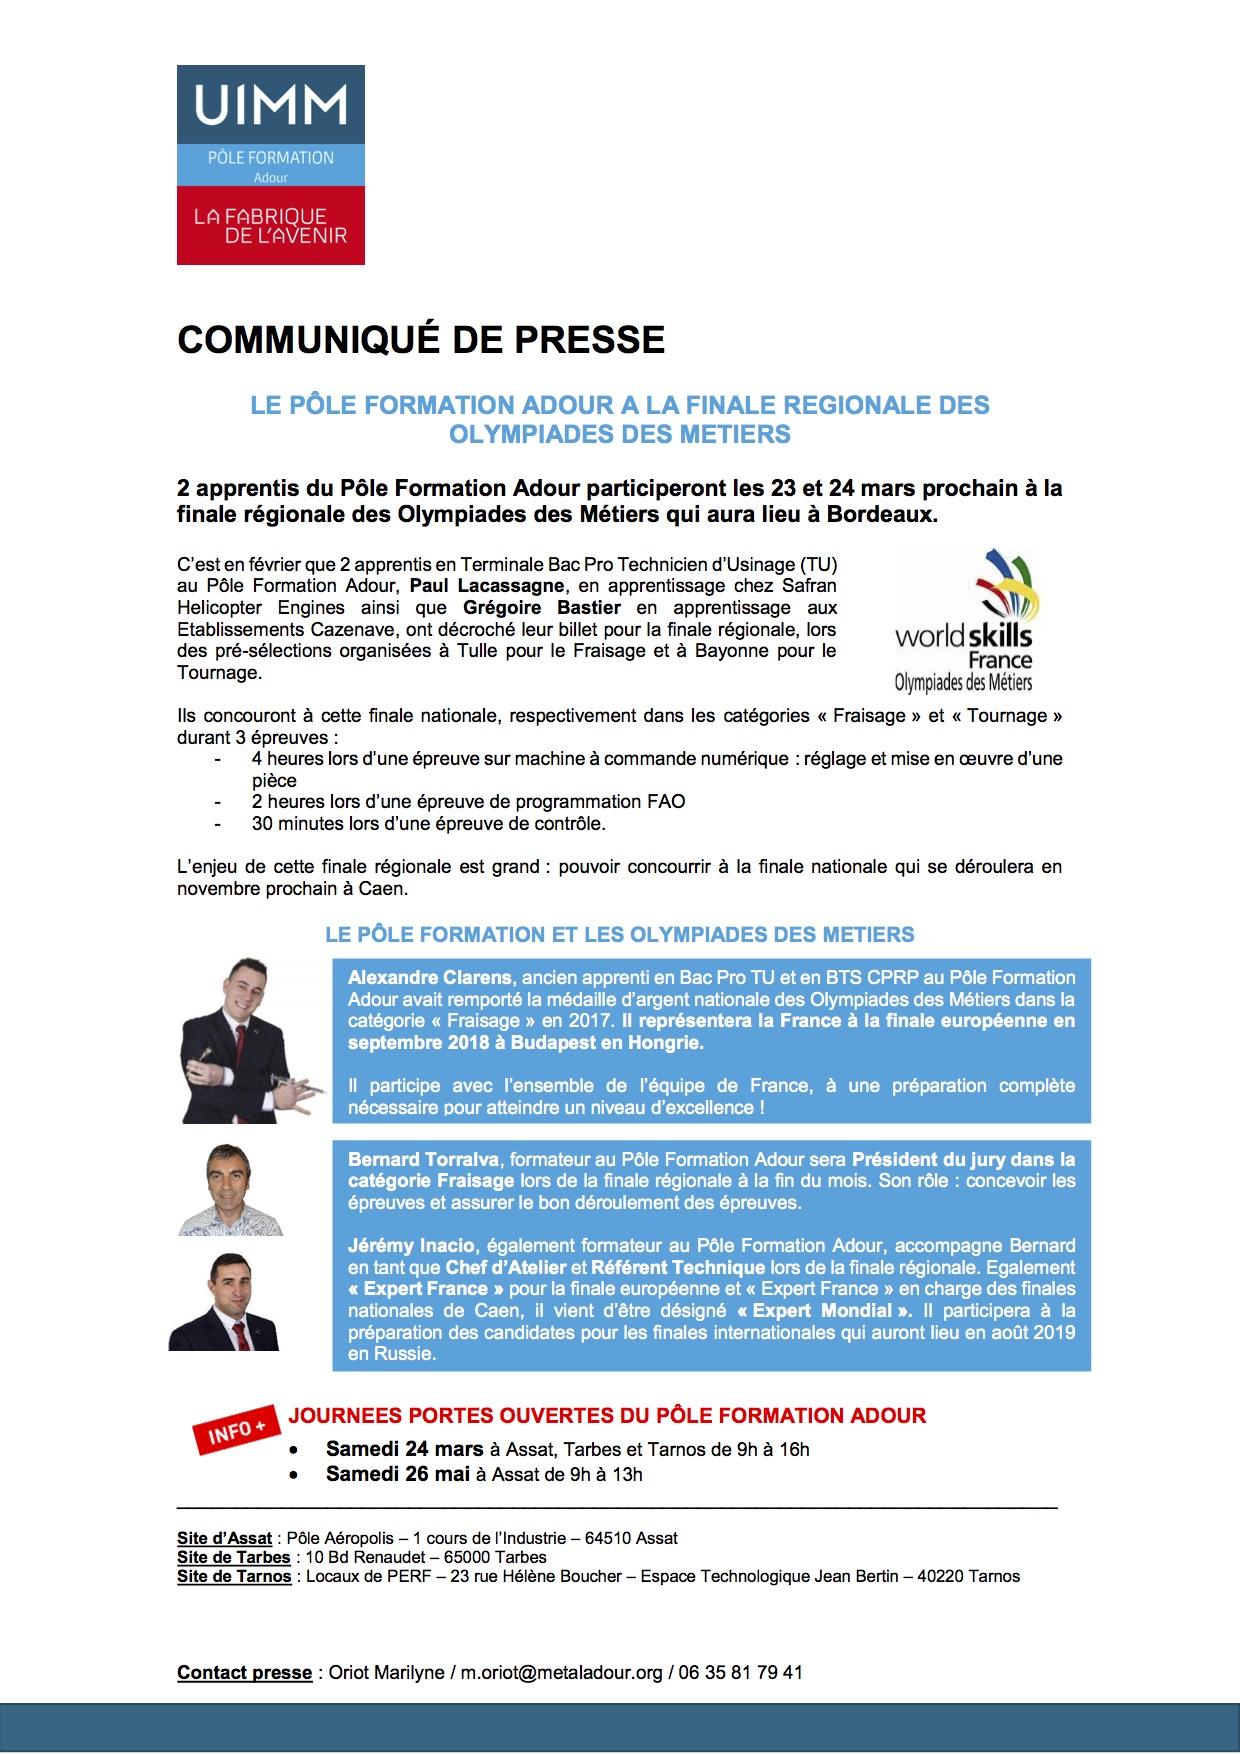 2017-03-13_po%cc%82le-formation-adour-participation-aux-olympiades-des-metiers